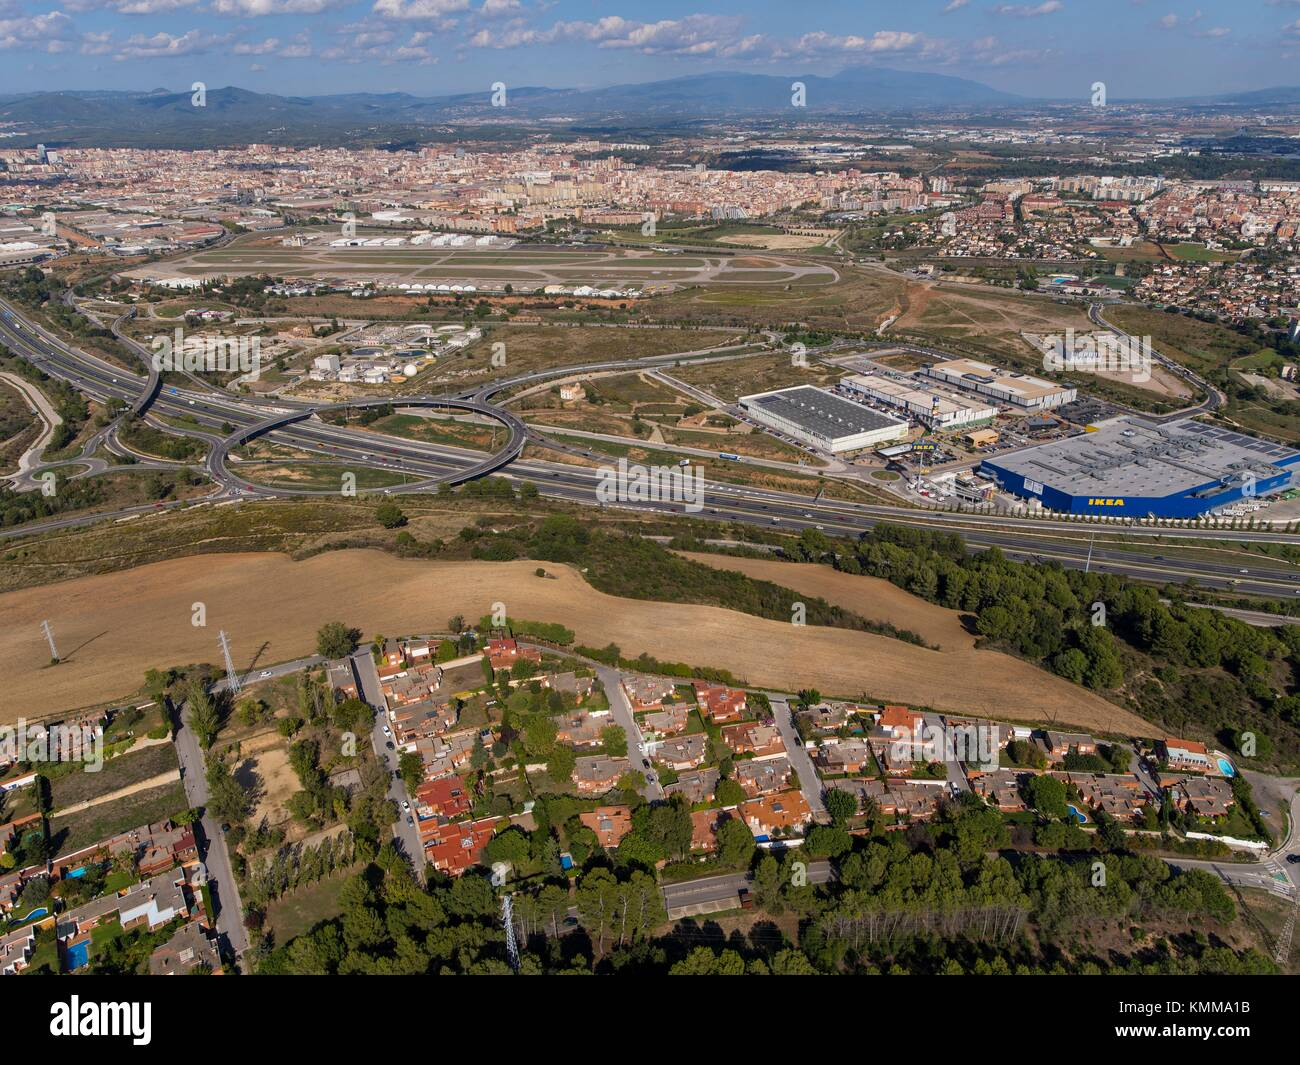 La autopista c 58 y el centro comercial de sabadell barcelona foto imagen de stock 167633351 - Centro de sabadell ...